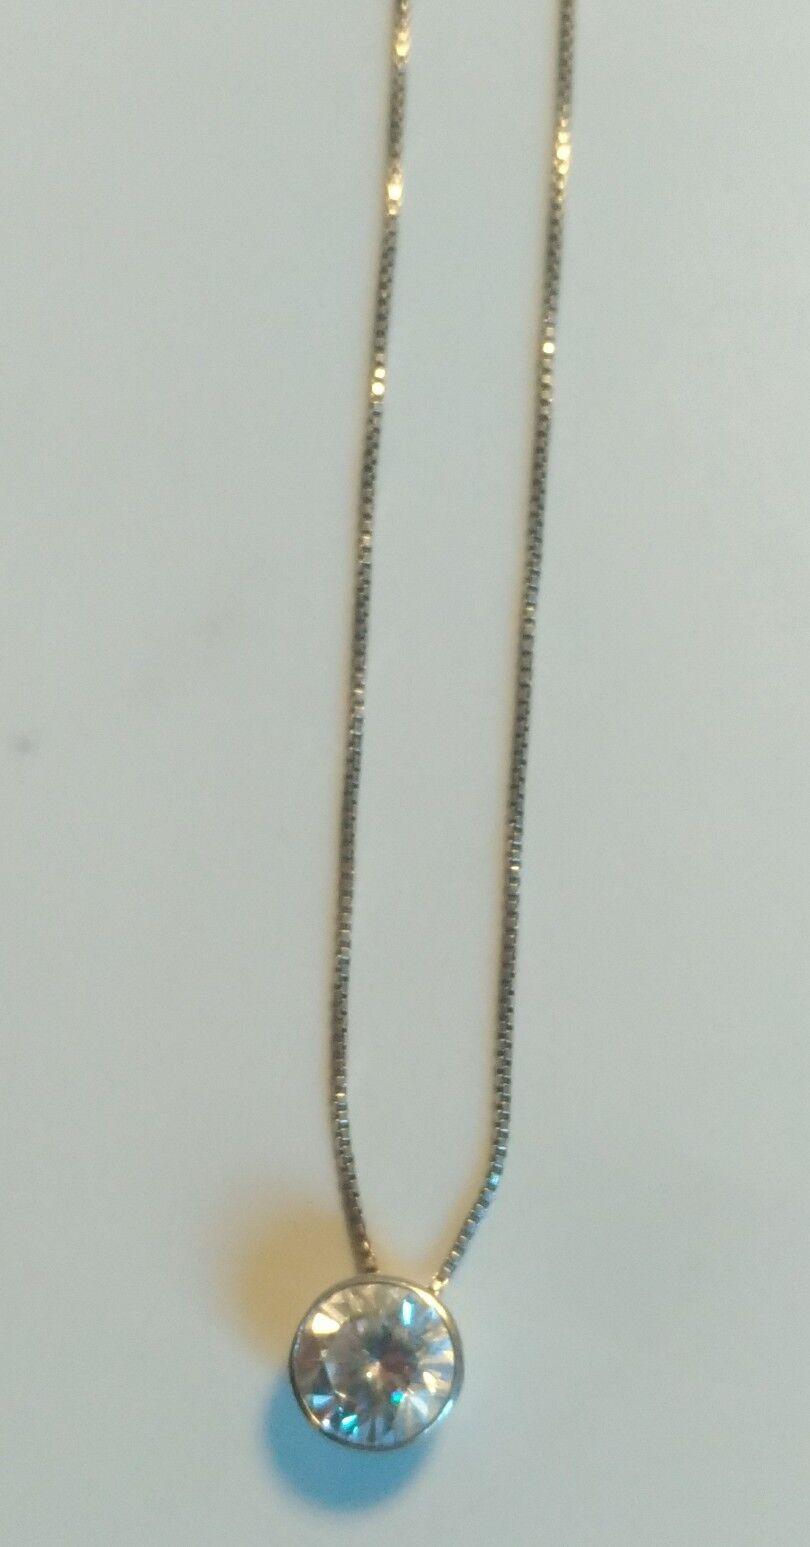 Collier en silver massif et zirconium